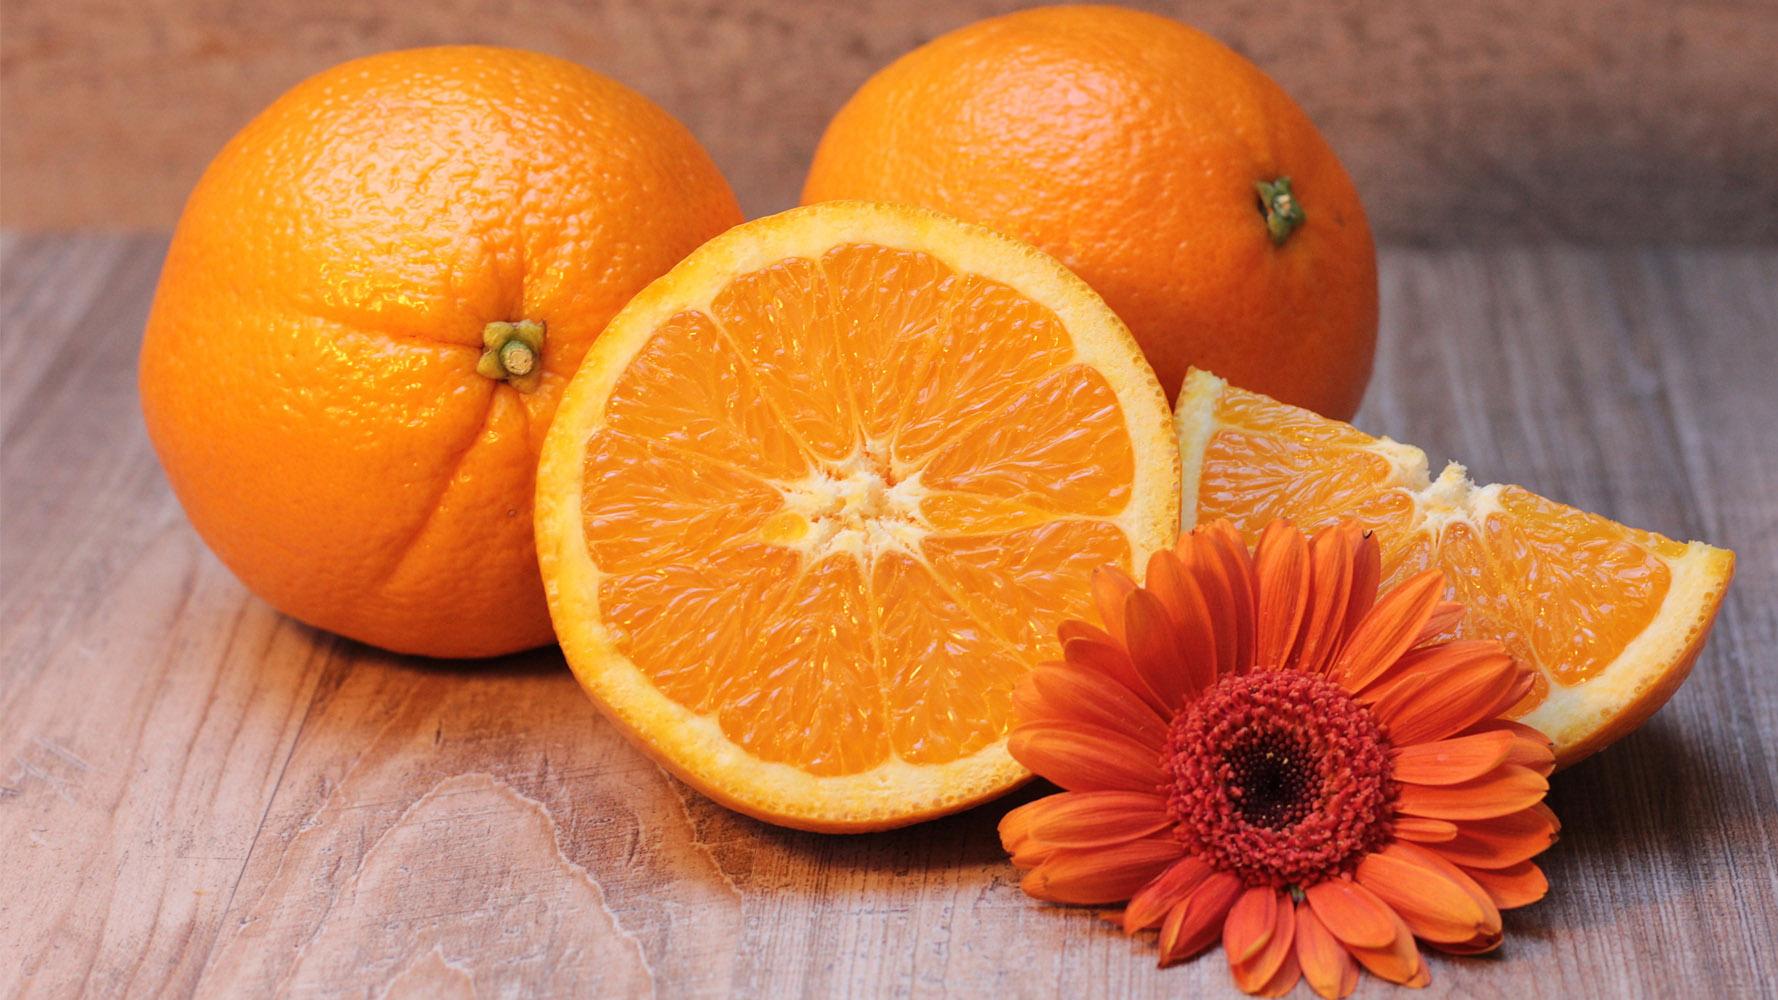 Portakal fiyatları,Portakal piyasası, Portakal resmi